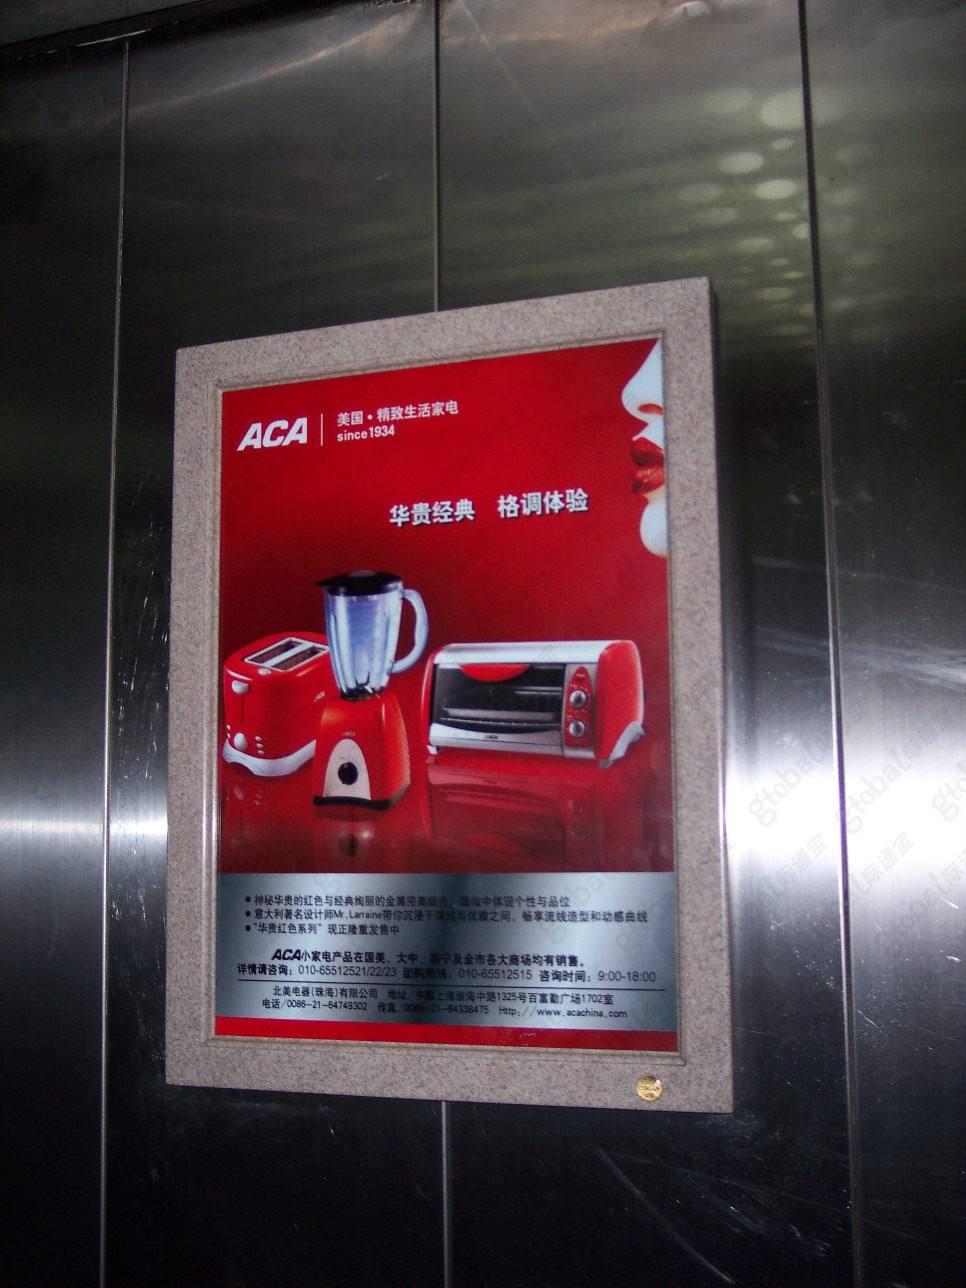 上海高端写字楼电梯广告-分众资源低至2折